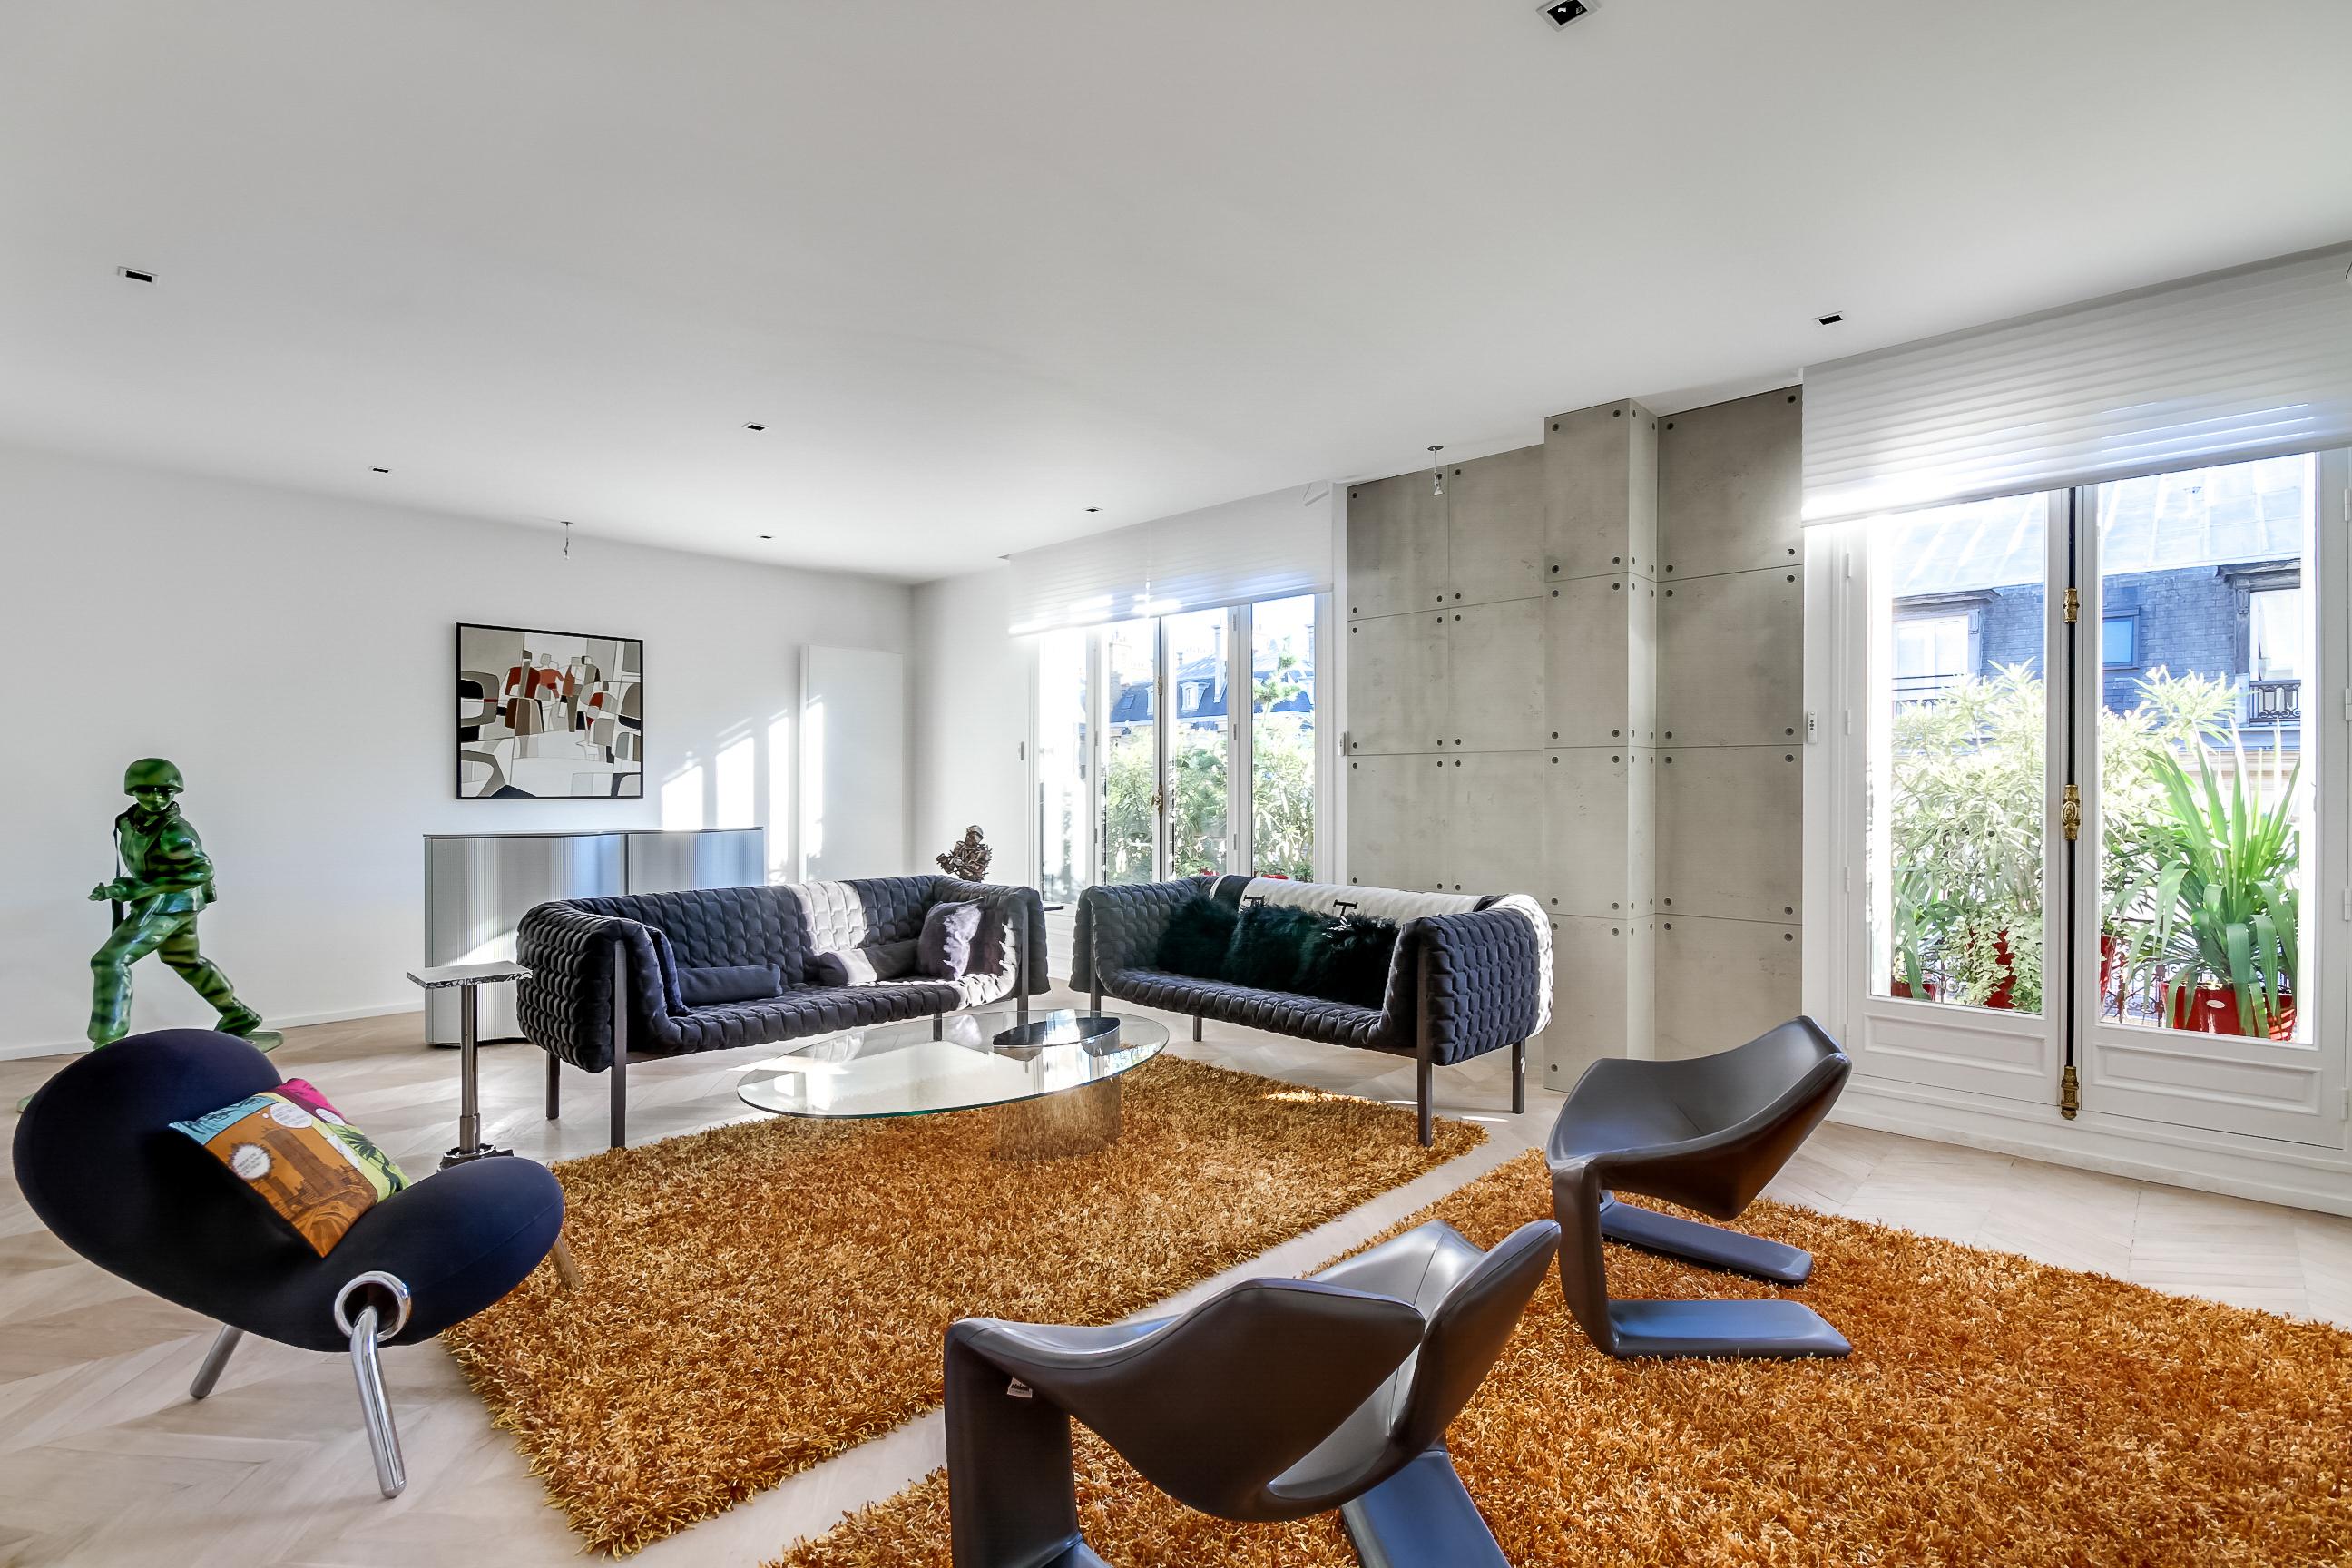 Wohnung für Verkauf beim Apartment - Courcelles/Wagram Paris, Paris 75017 Frankreich